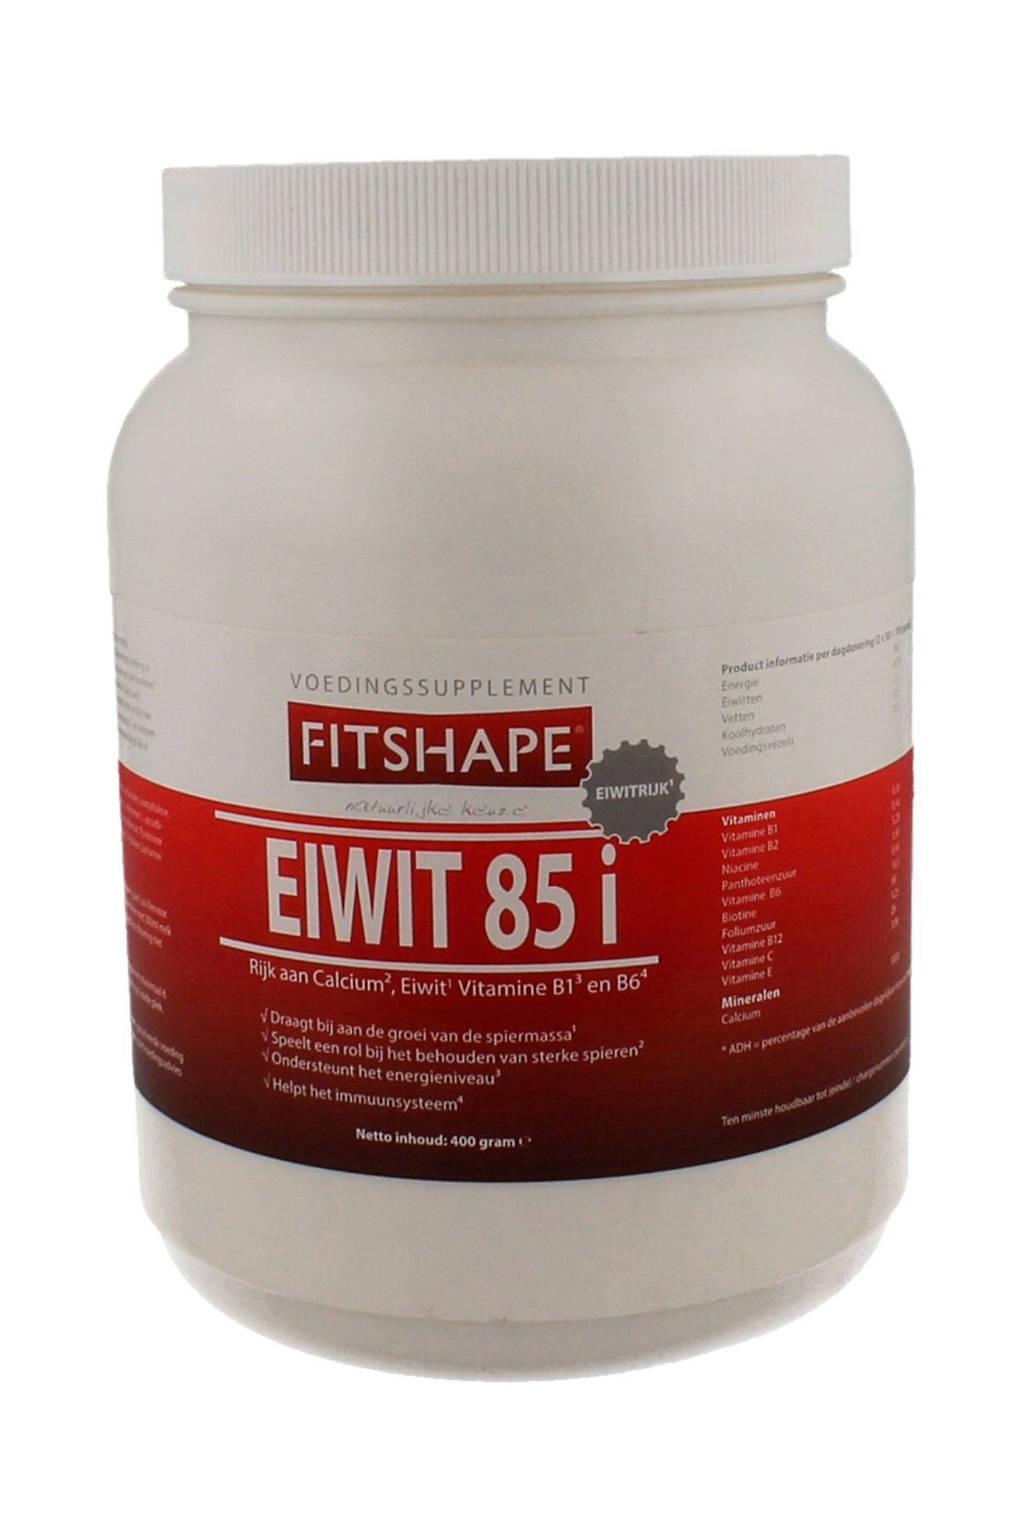 Fitshape Eiwit 85% eiwitshake - Vanille - 400 gram - voedingssupplement